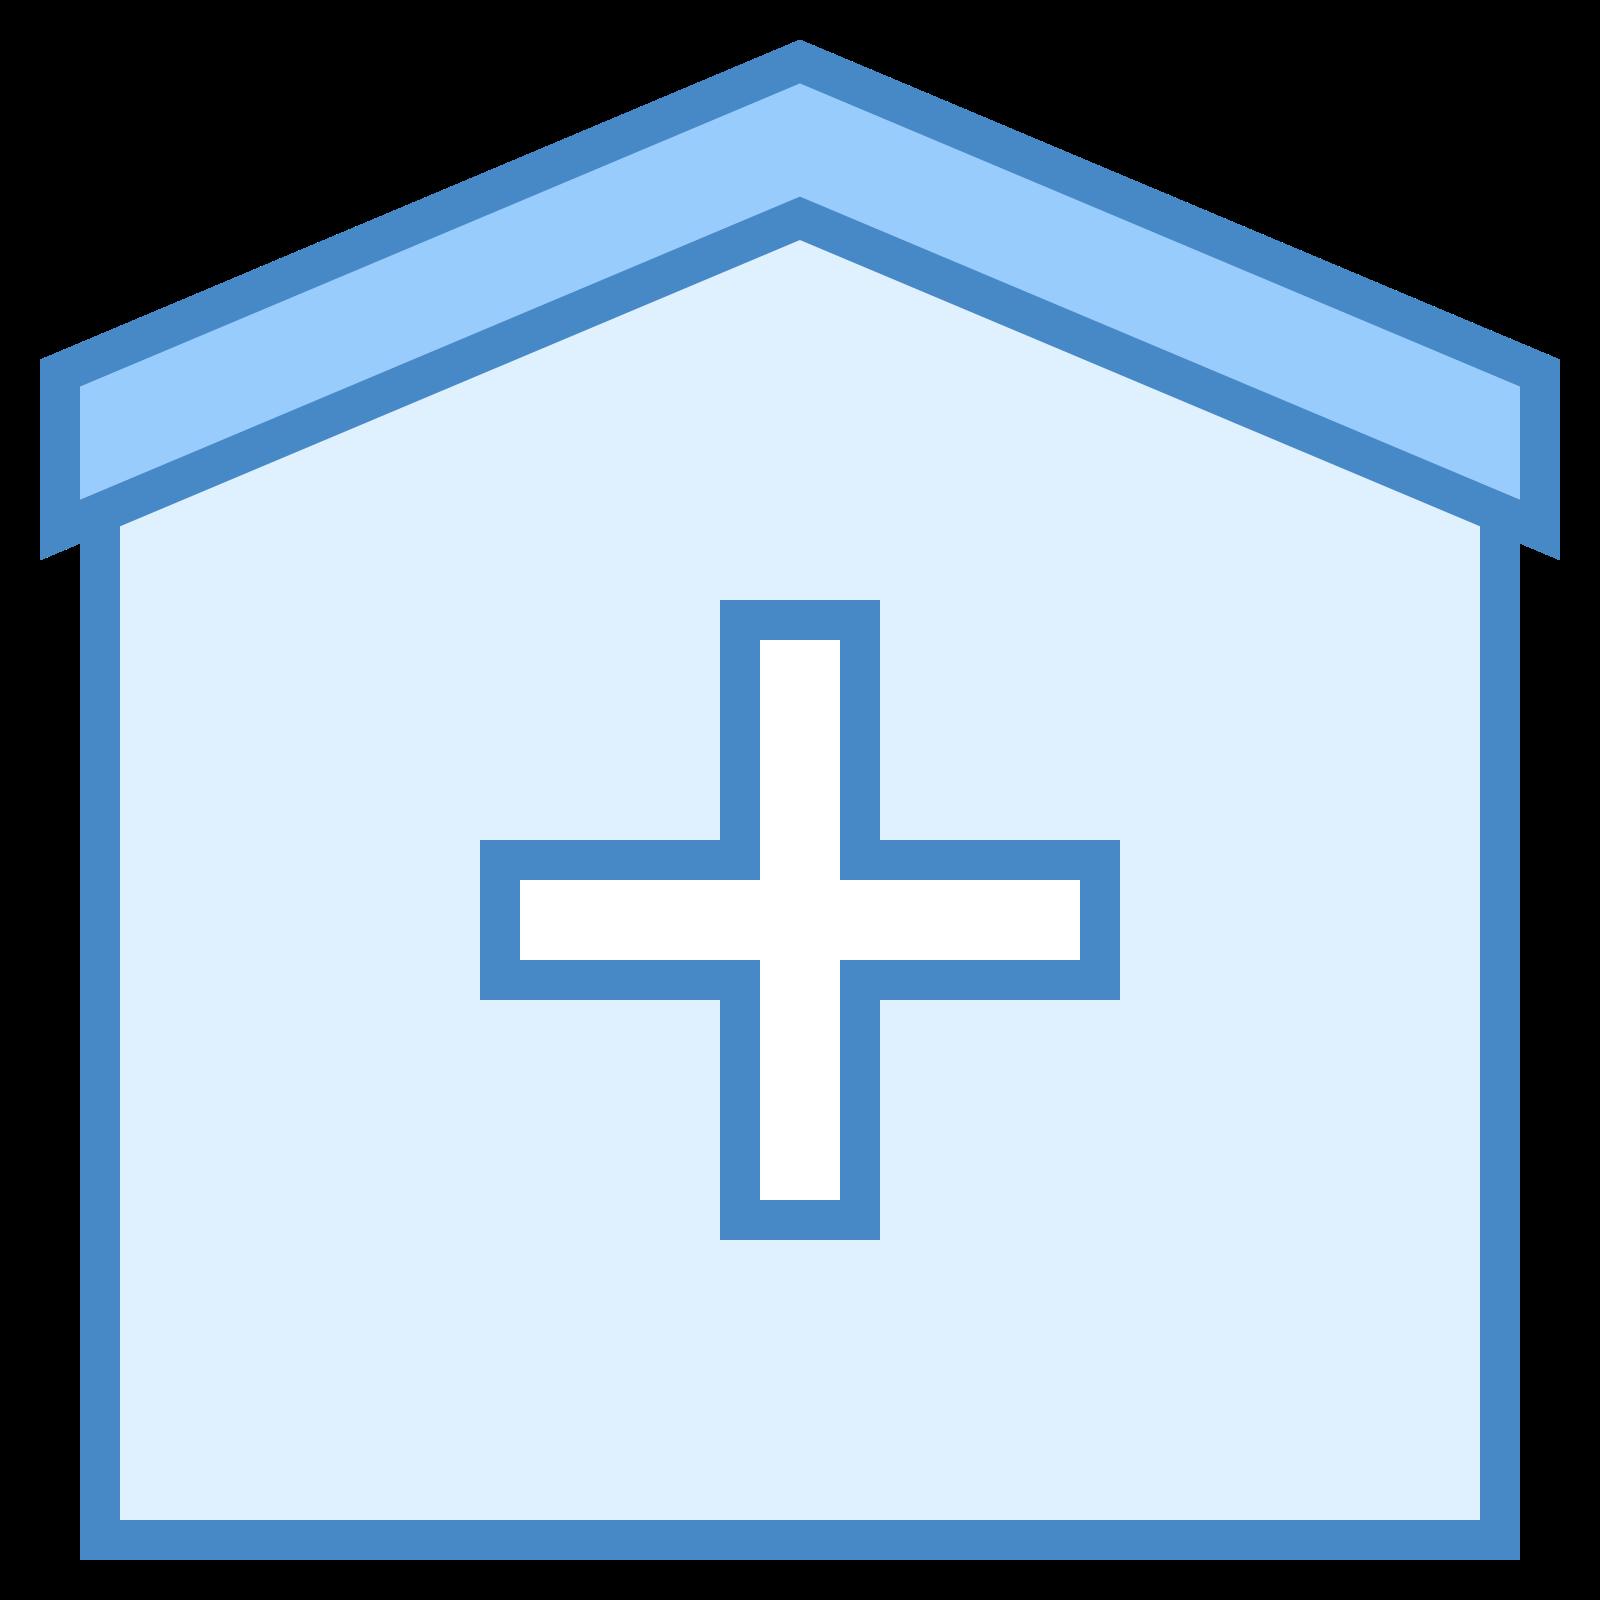 醫院 icon. The icon shows a box with a cross prominently shown in the center. This type of symbol is commonly used to represent a hospital, ambulance, or other health aid giving organization.